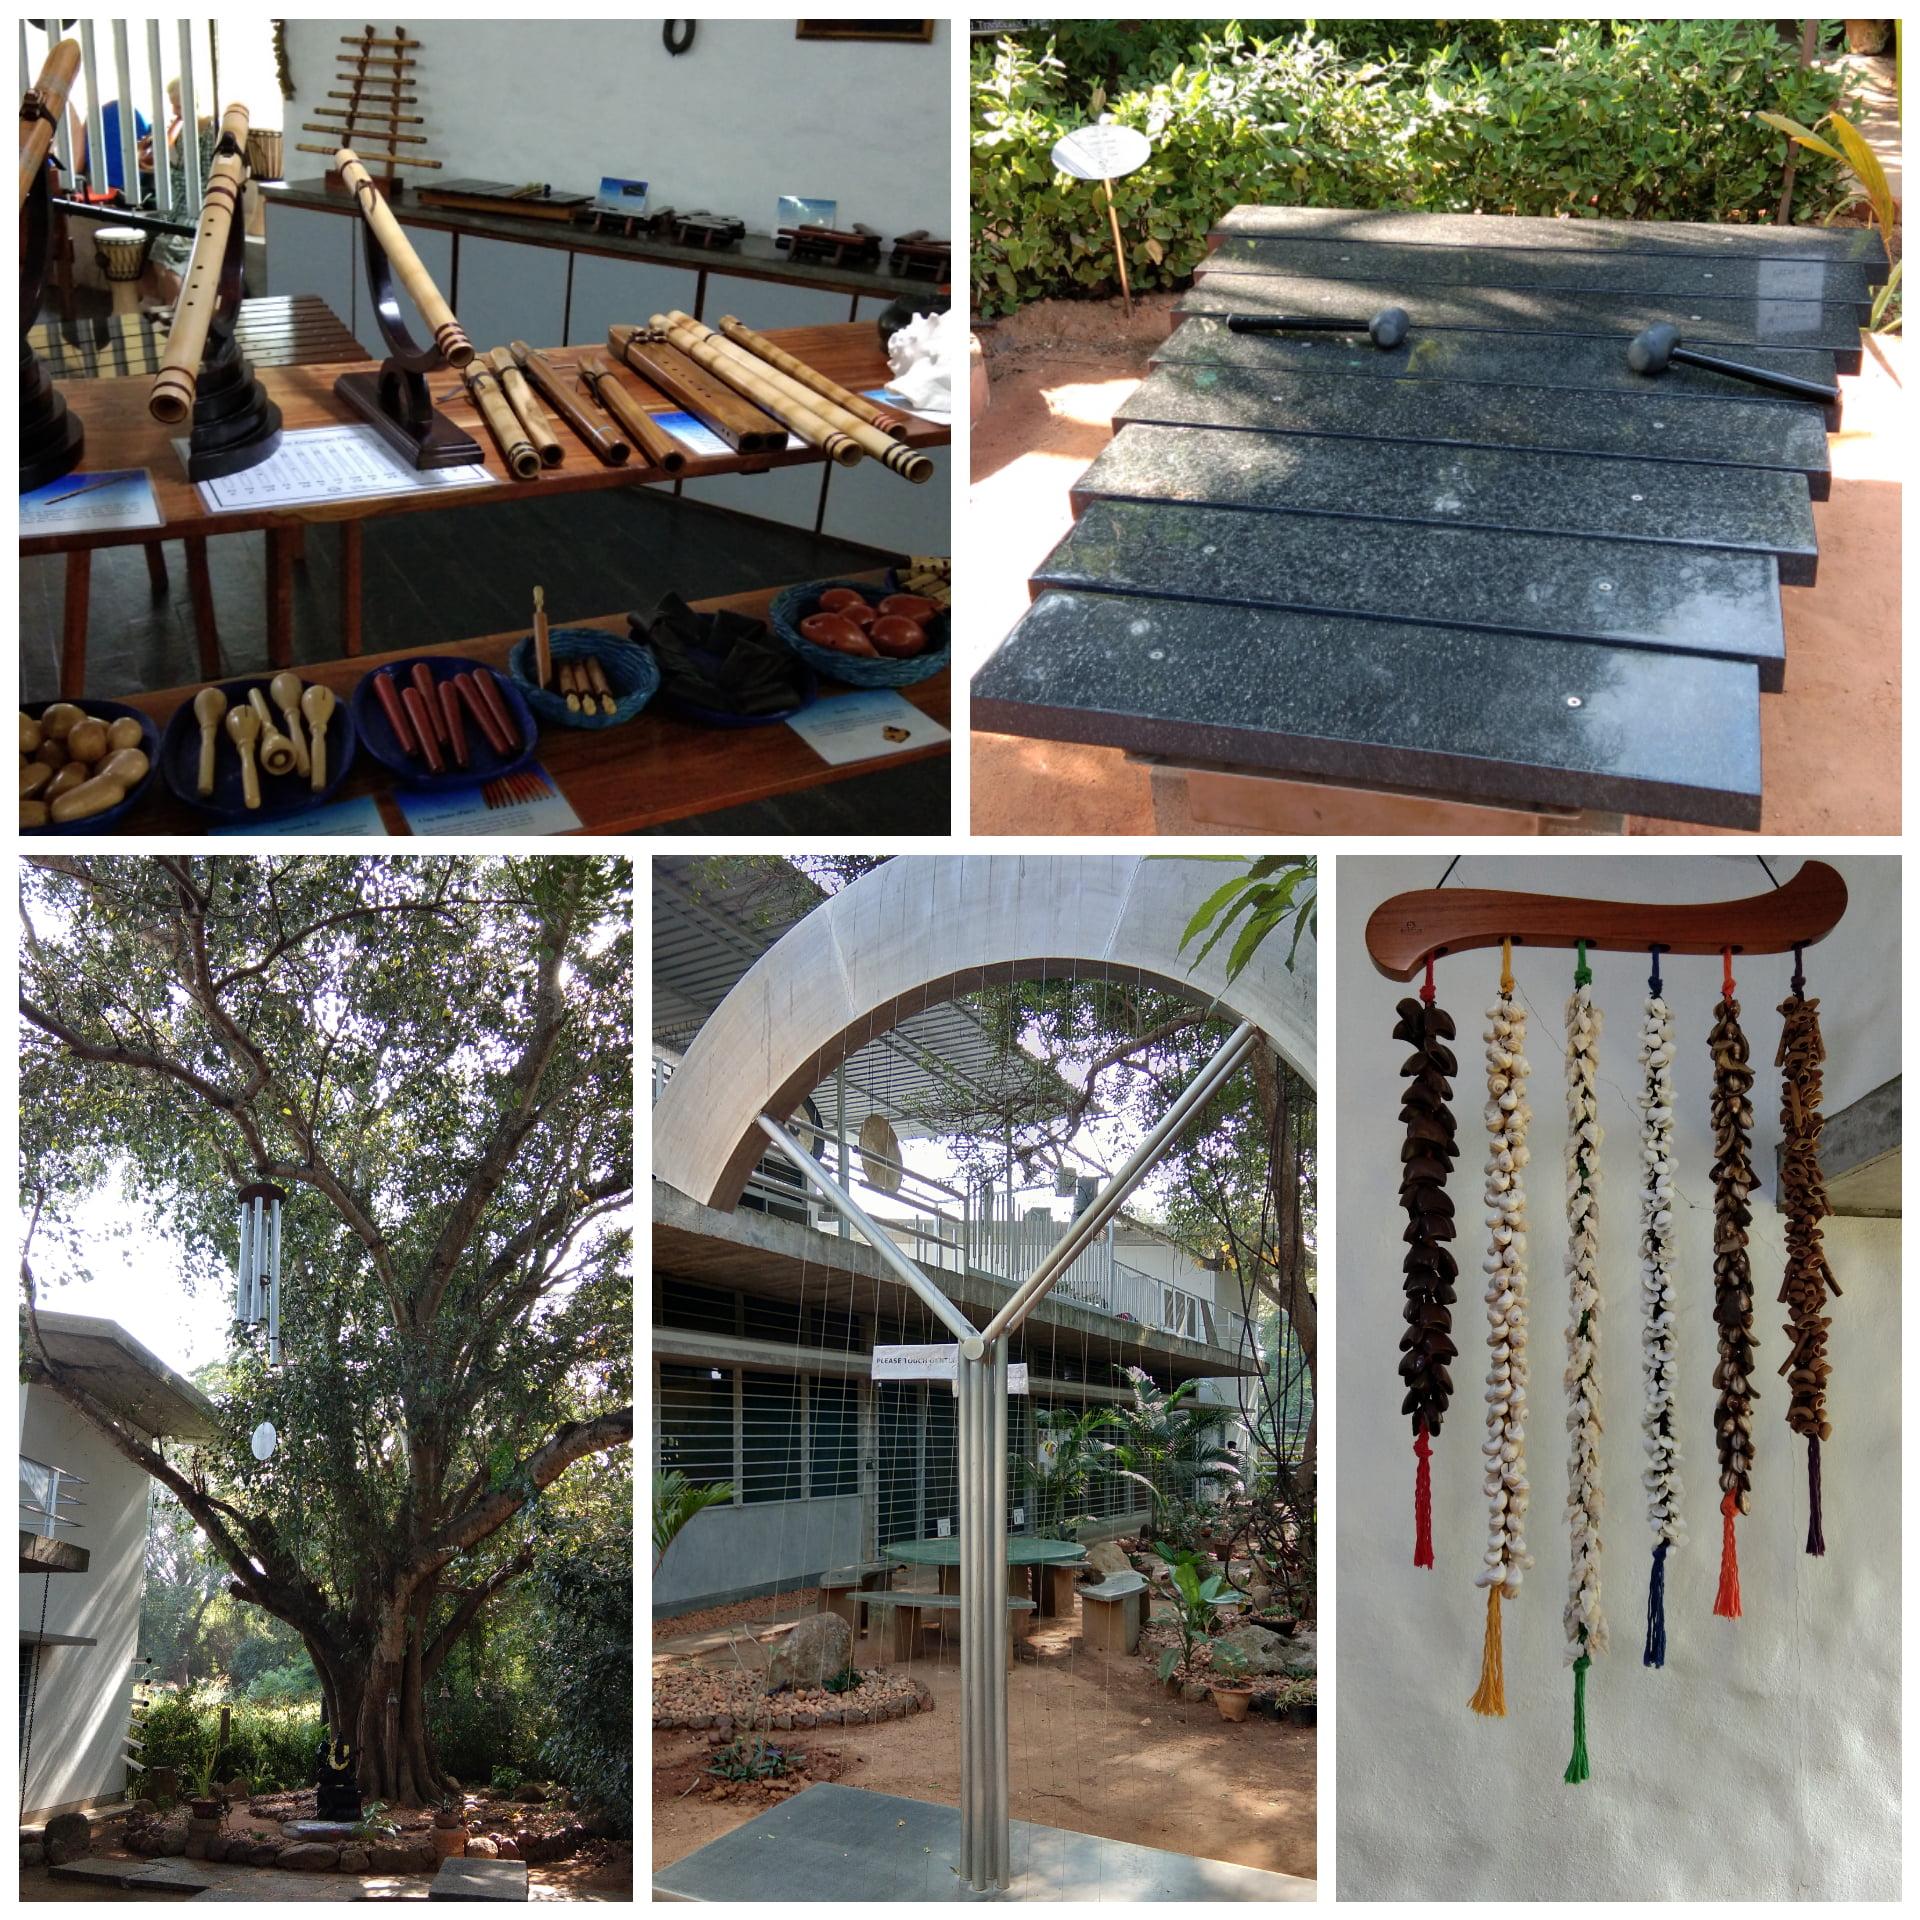 Petit séjour à Pondichéry, Auroville & Mahabalipuram (Inde) 4